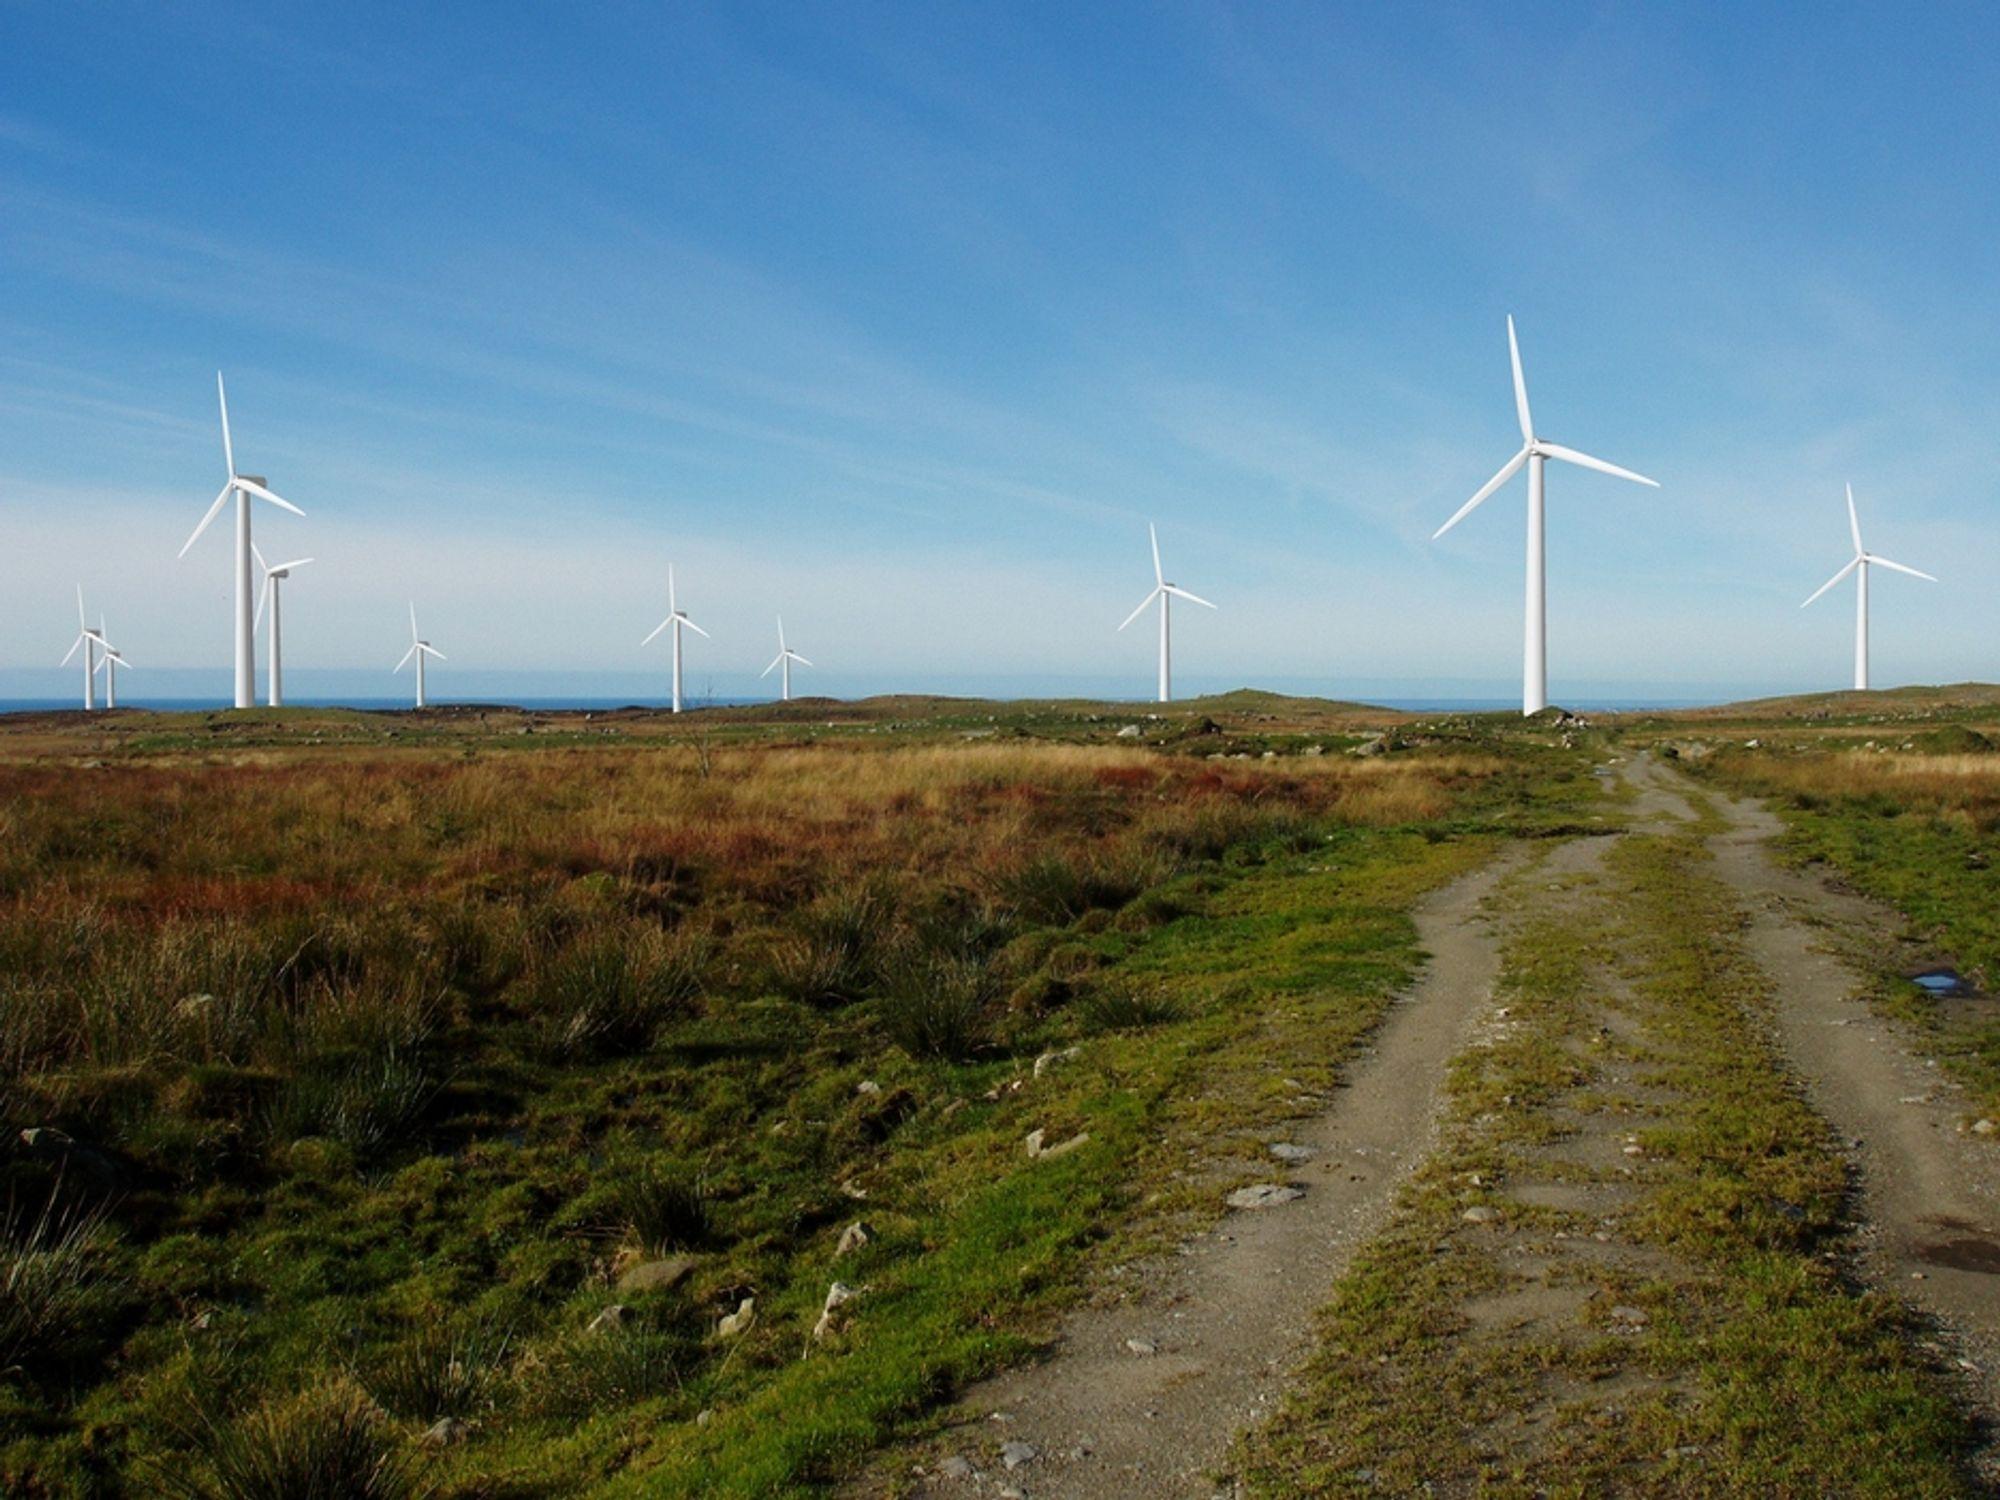 Siemens skal levere 32 vindturbiner til Høg-Jæren vindpark.